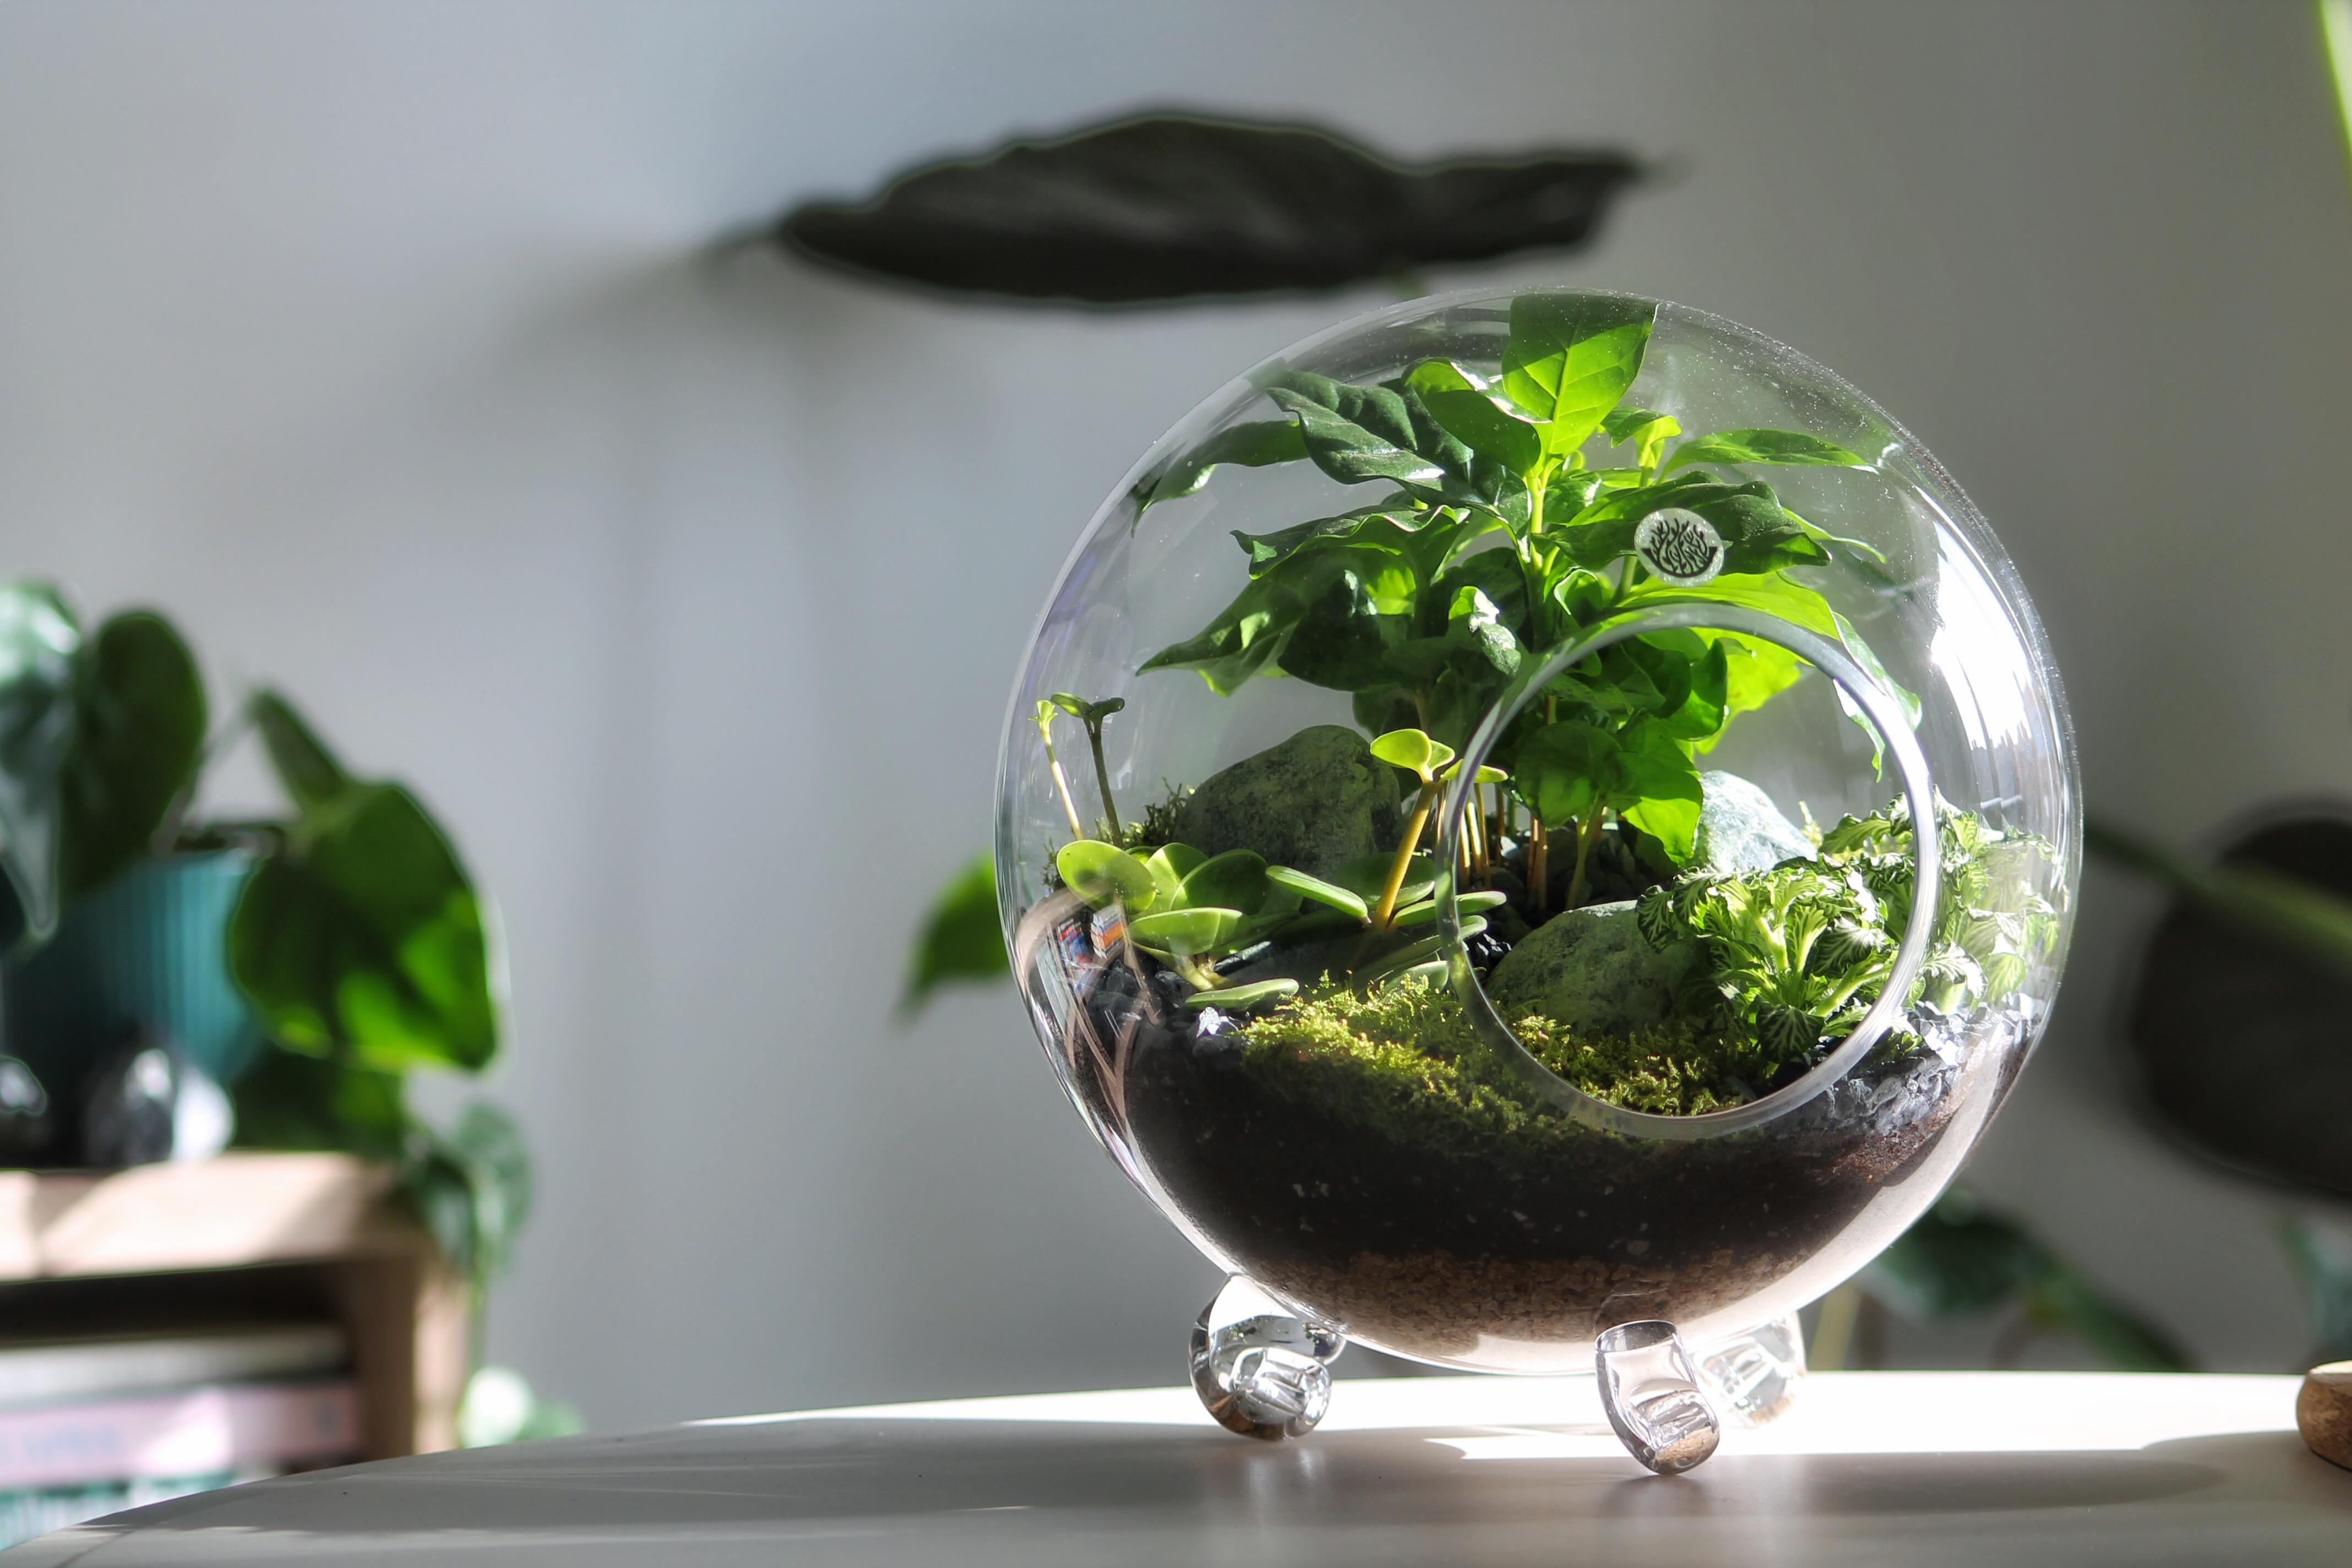 حوض زجاجي كلاسيكي مائل 'نباتات للمكاتب'